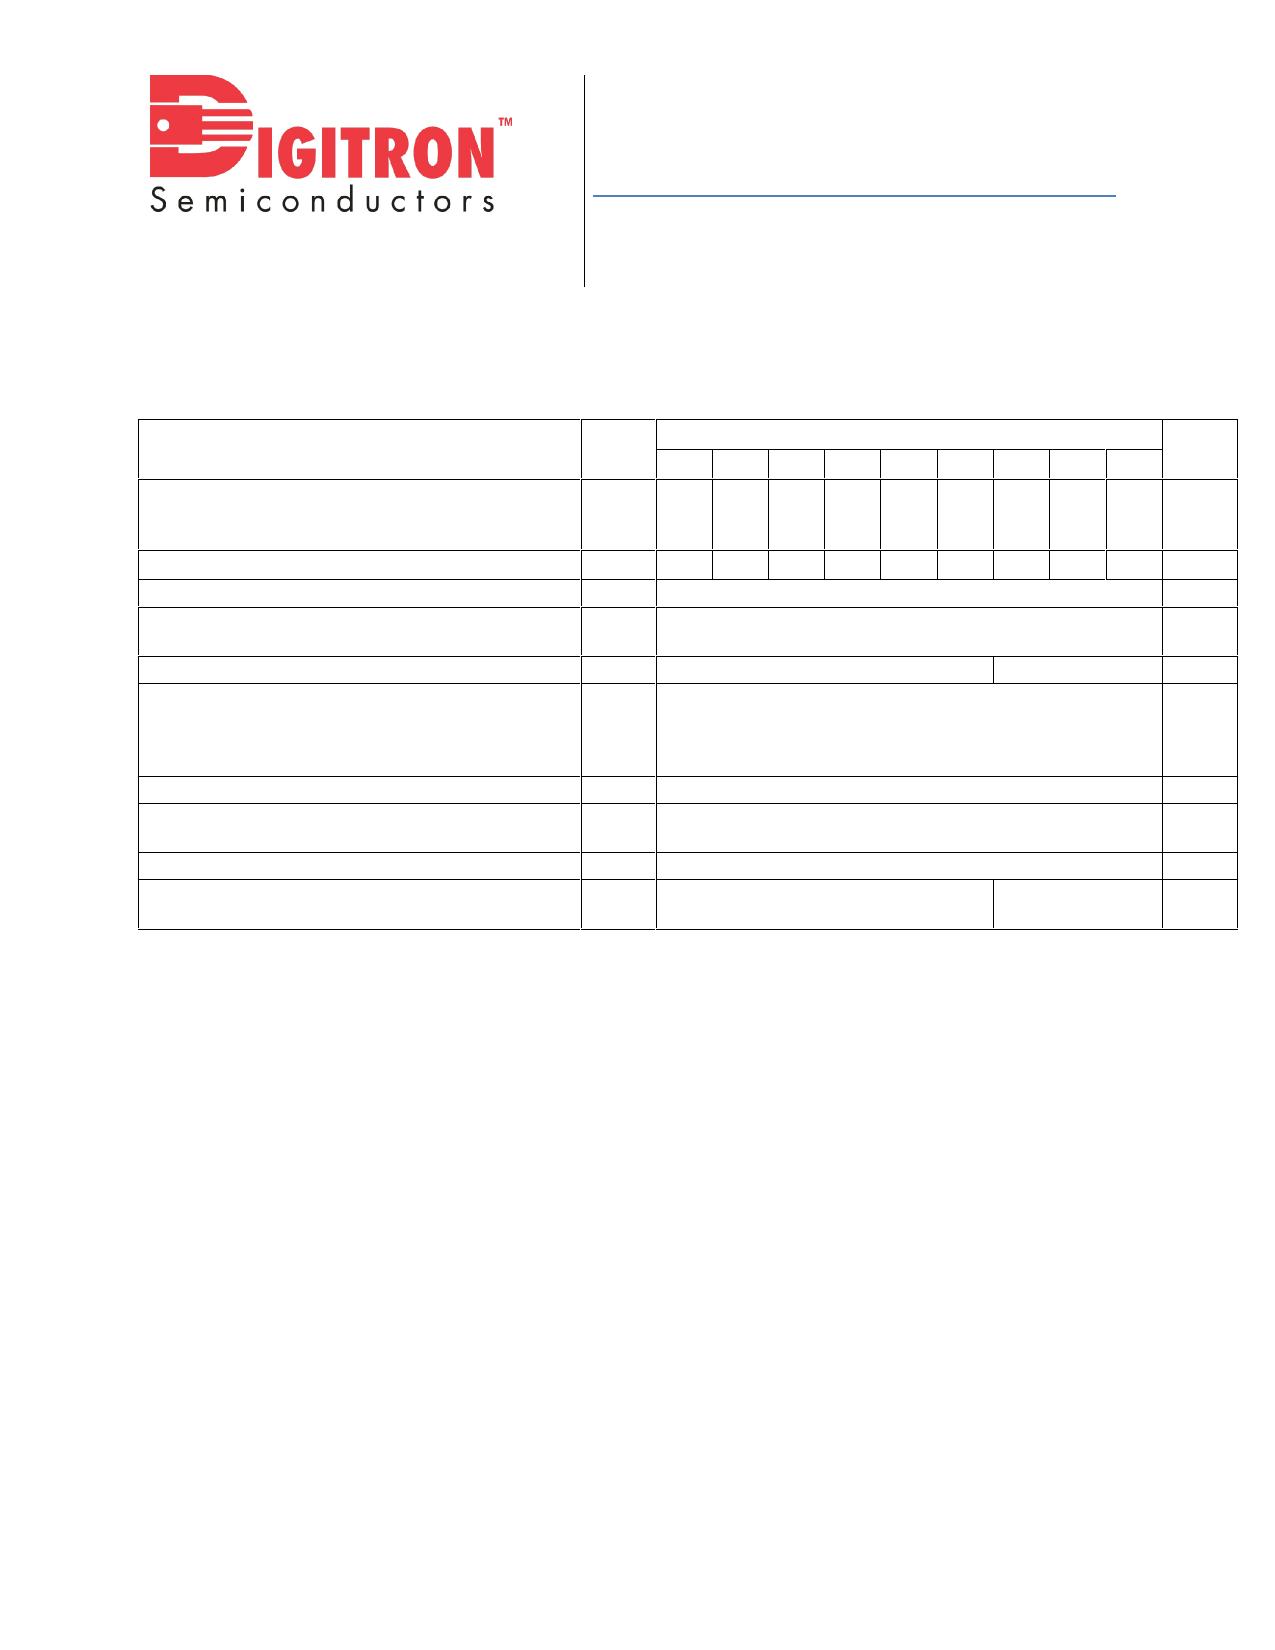 UFR104 데이터시트 및 UFR104 PDF